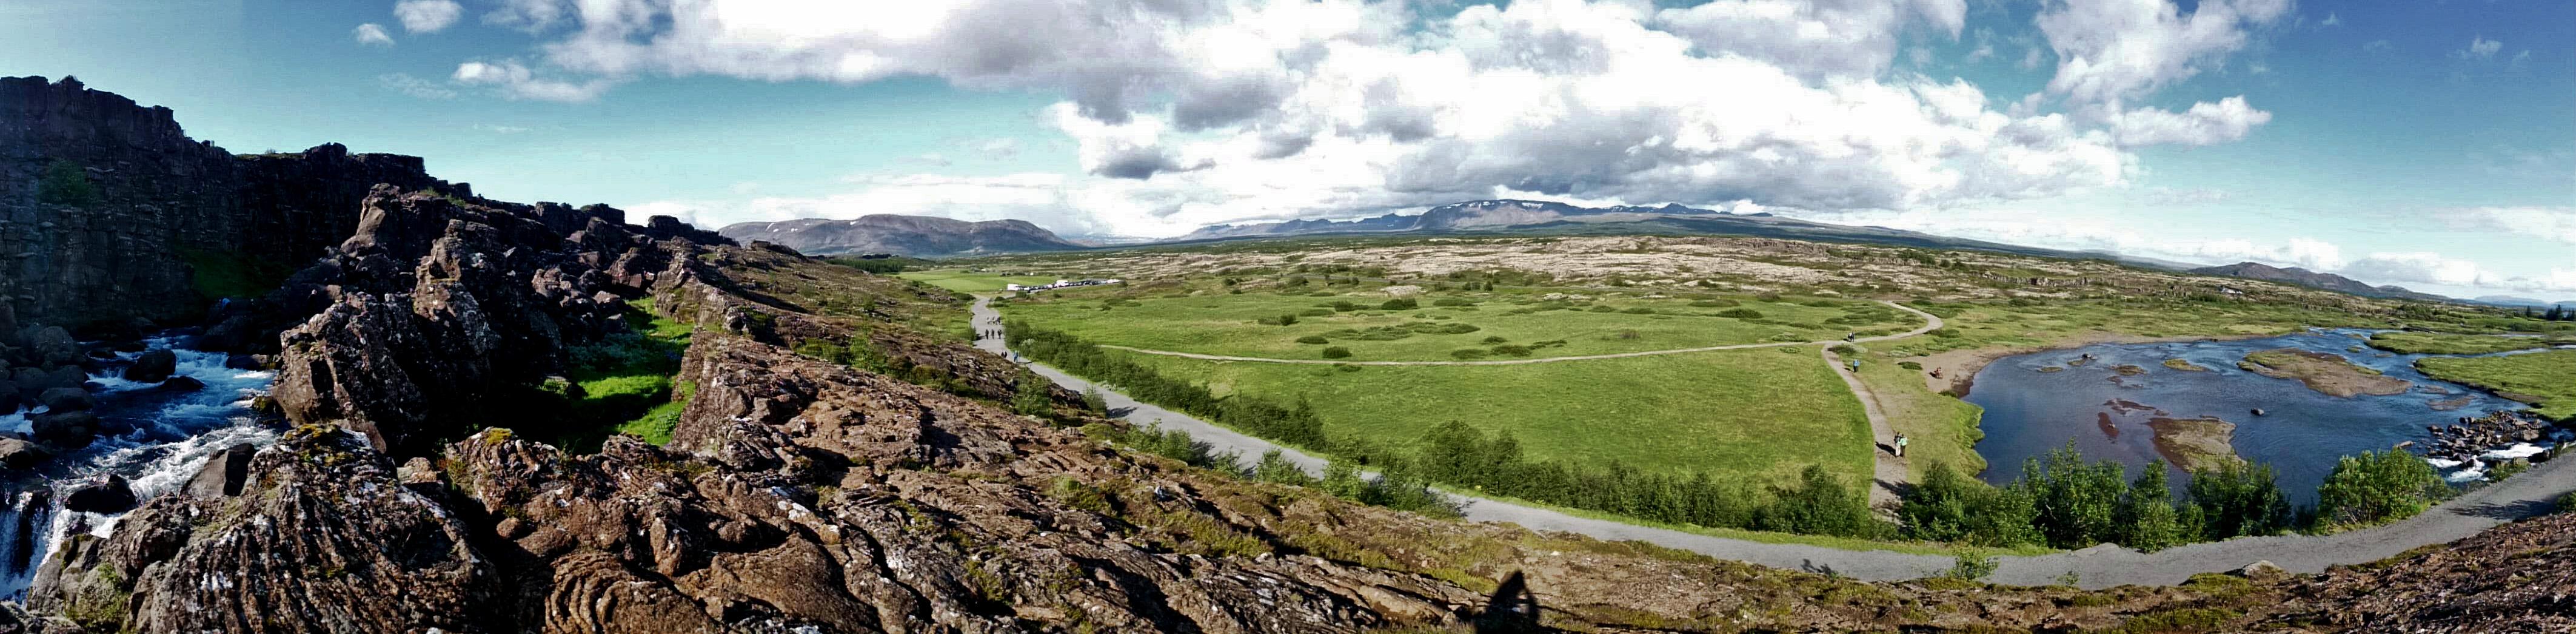 09. Þingvellir VII